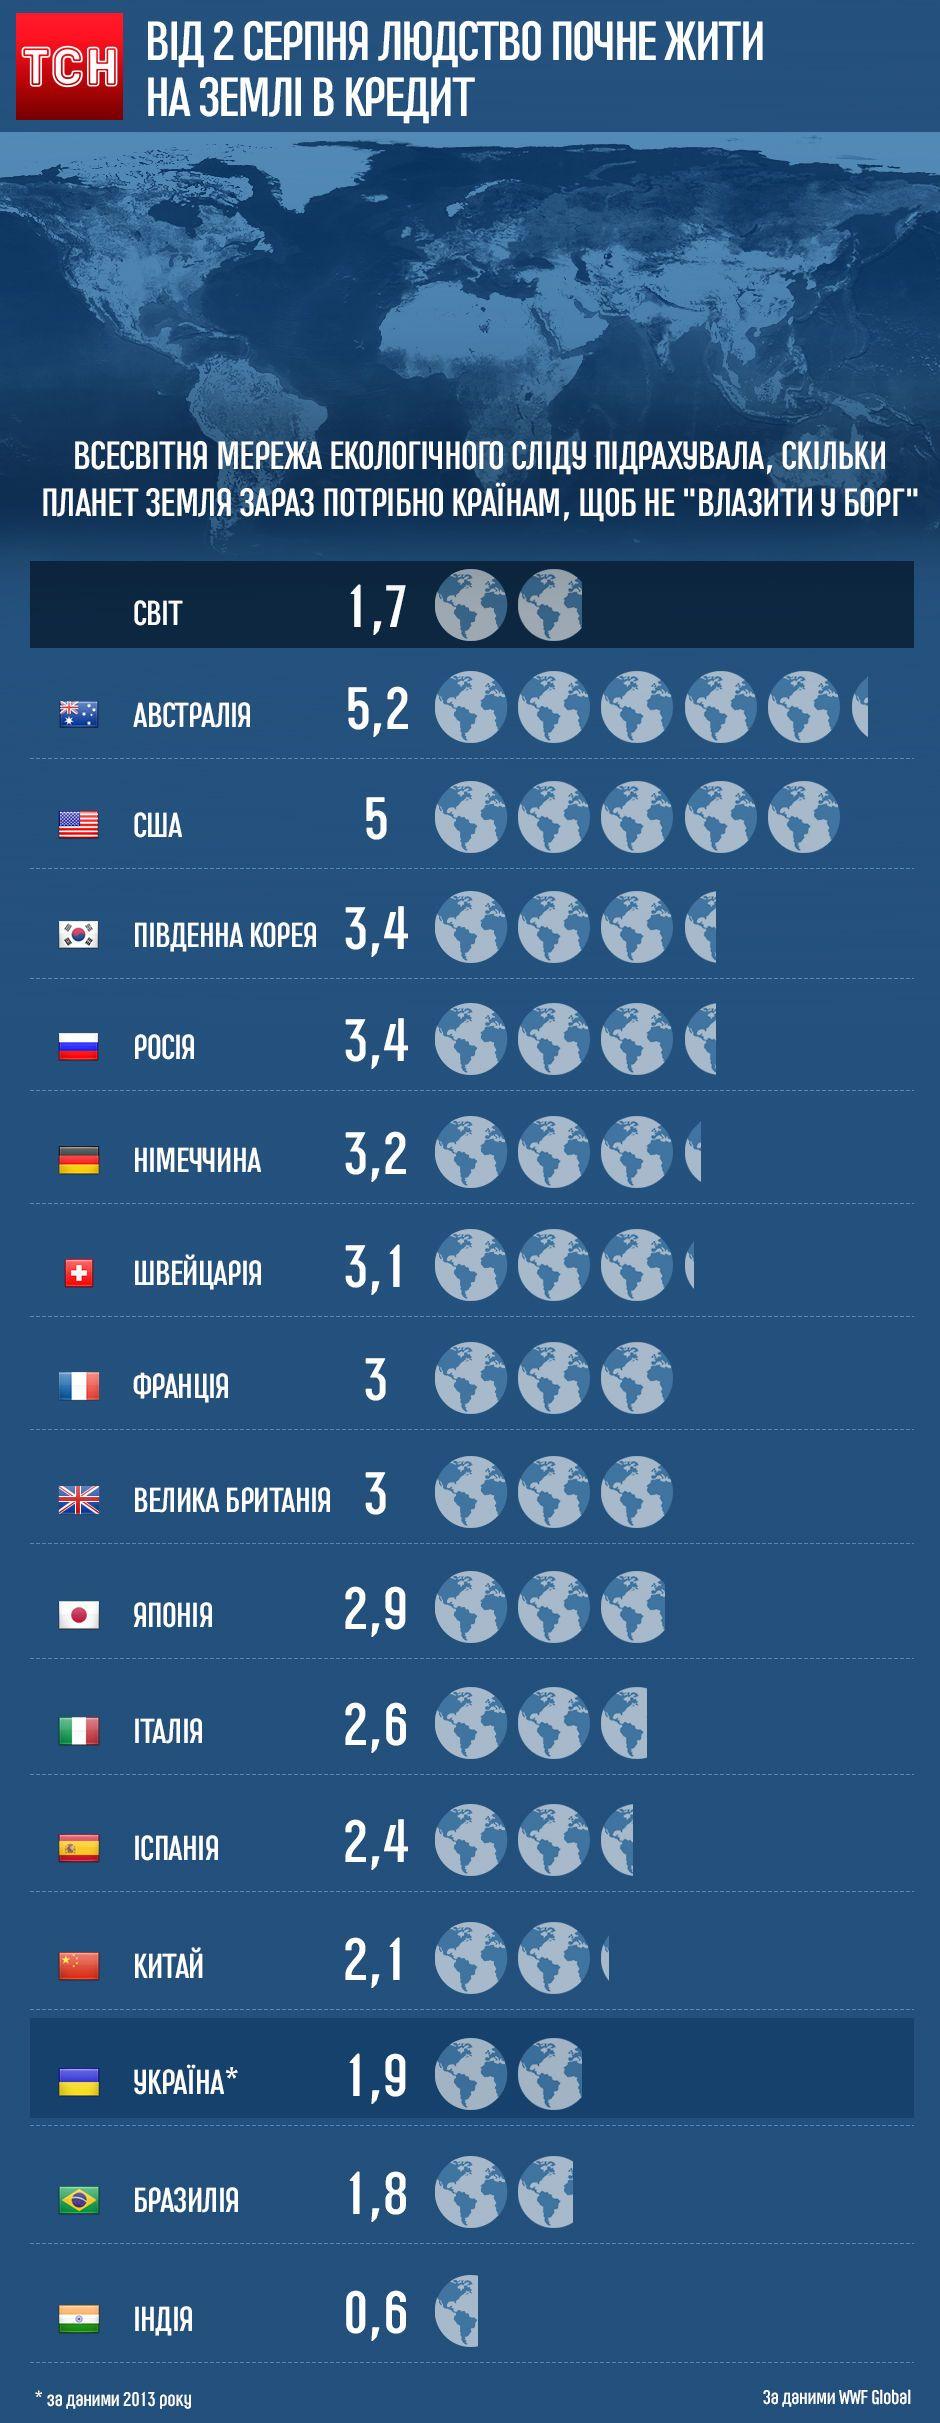 Бюджет планети. Інфографіка